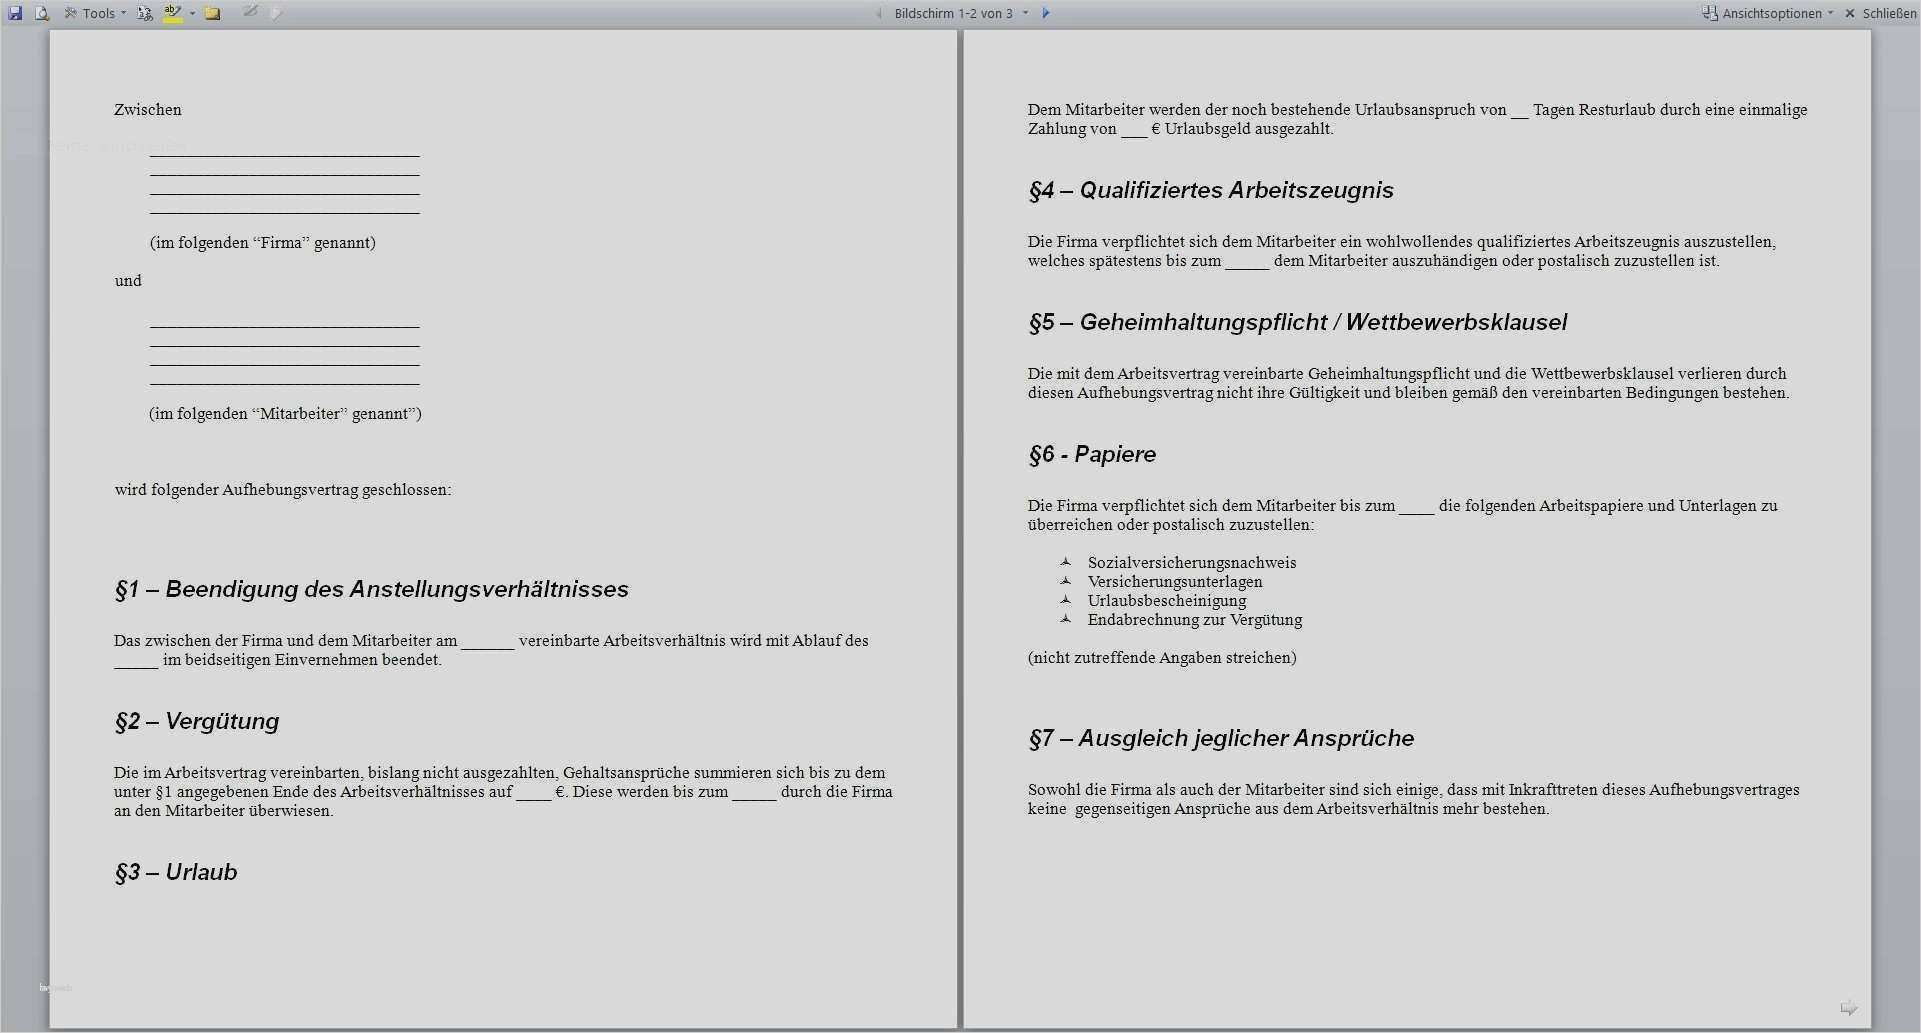 Handy Kundigung Vorlage 32 Schon Jene Konnen Adaptieren In Ms Word In 2020 Vorlagen Word Handyvertrag Vorlagen